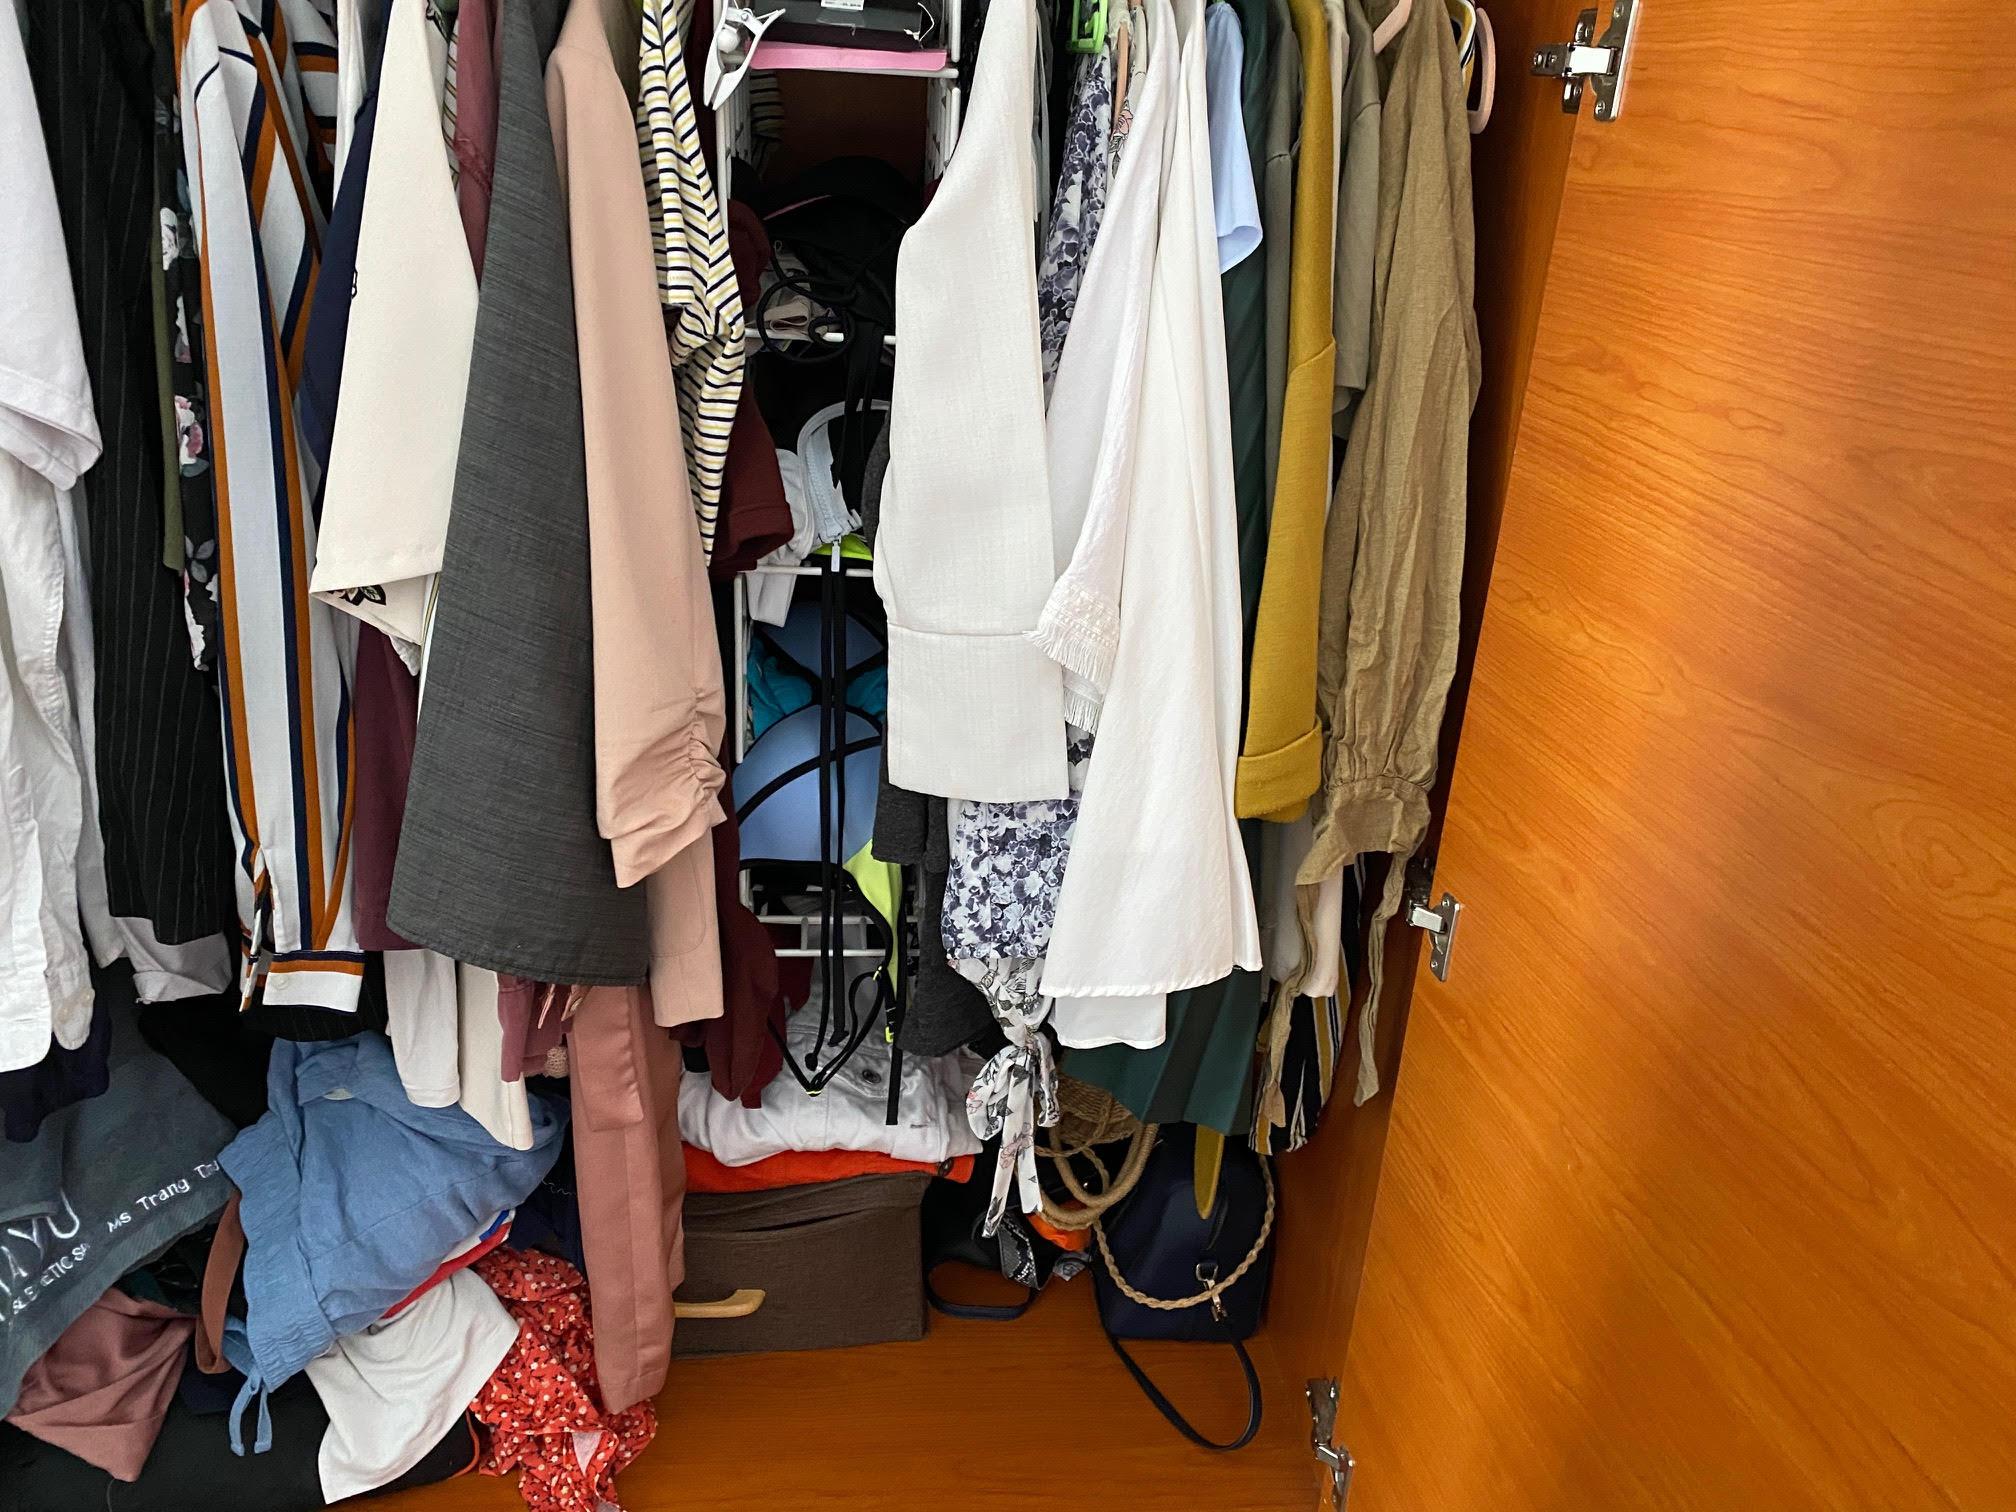 Có nên tối giản tủ quần áo, chia sẻ của cô gái trẻ mê thời trang tại Sài Gòn sẽ đánh thức chuyện dọn dẹp mà lâu nay nhiều chị em vẫn thường làm lơ - Ảnh 3.